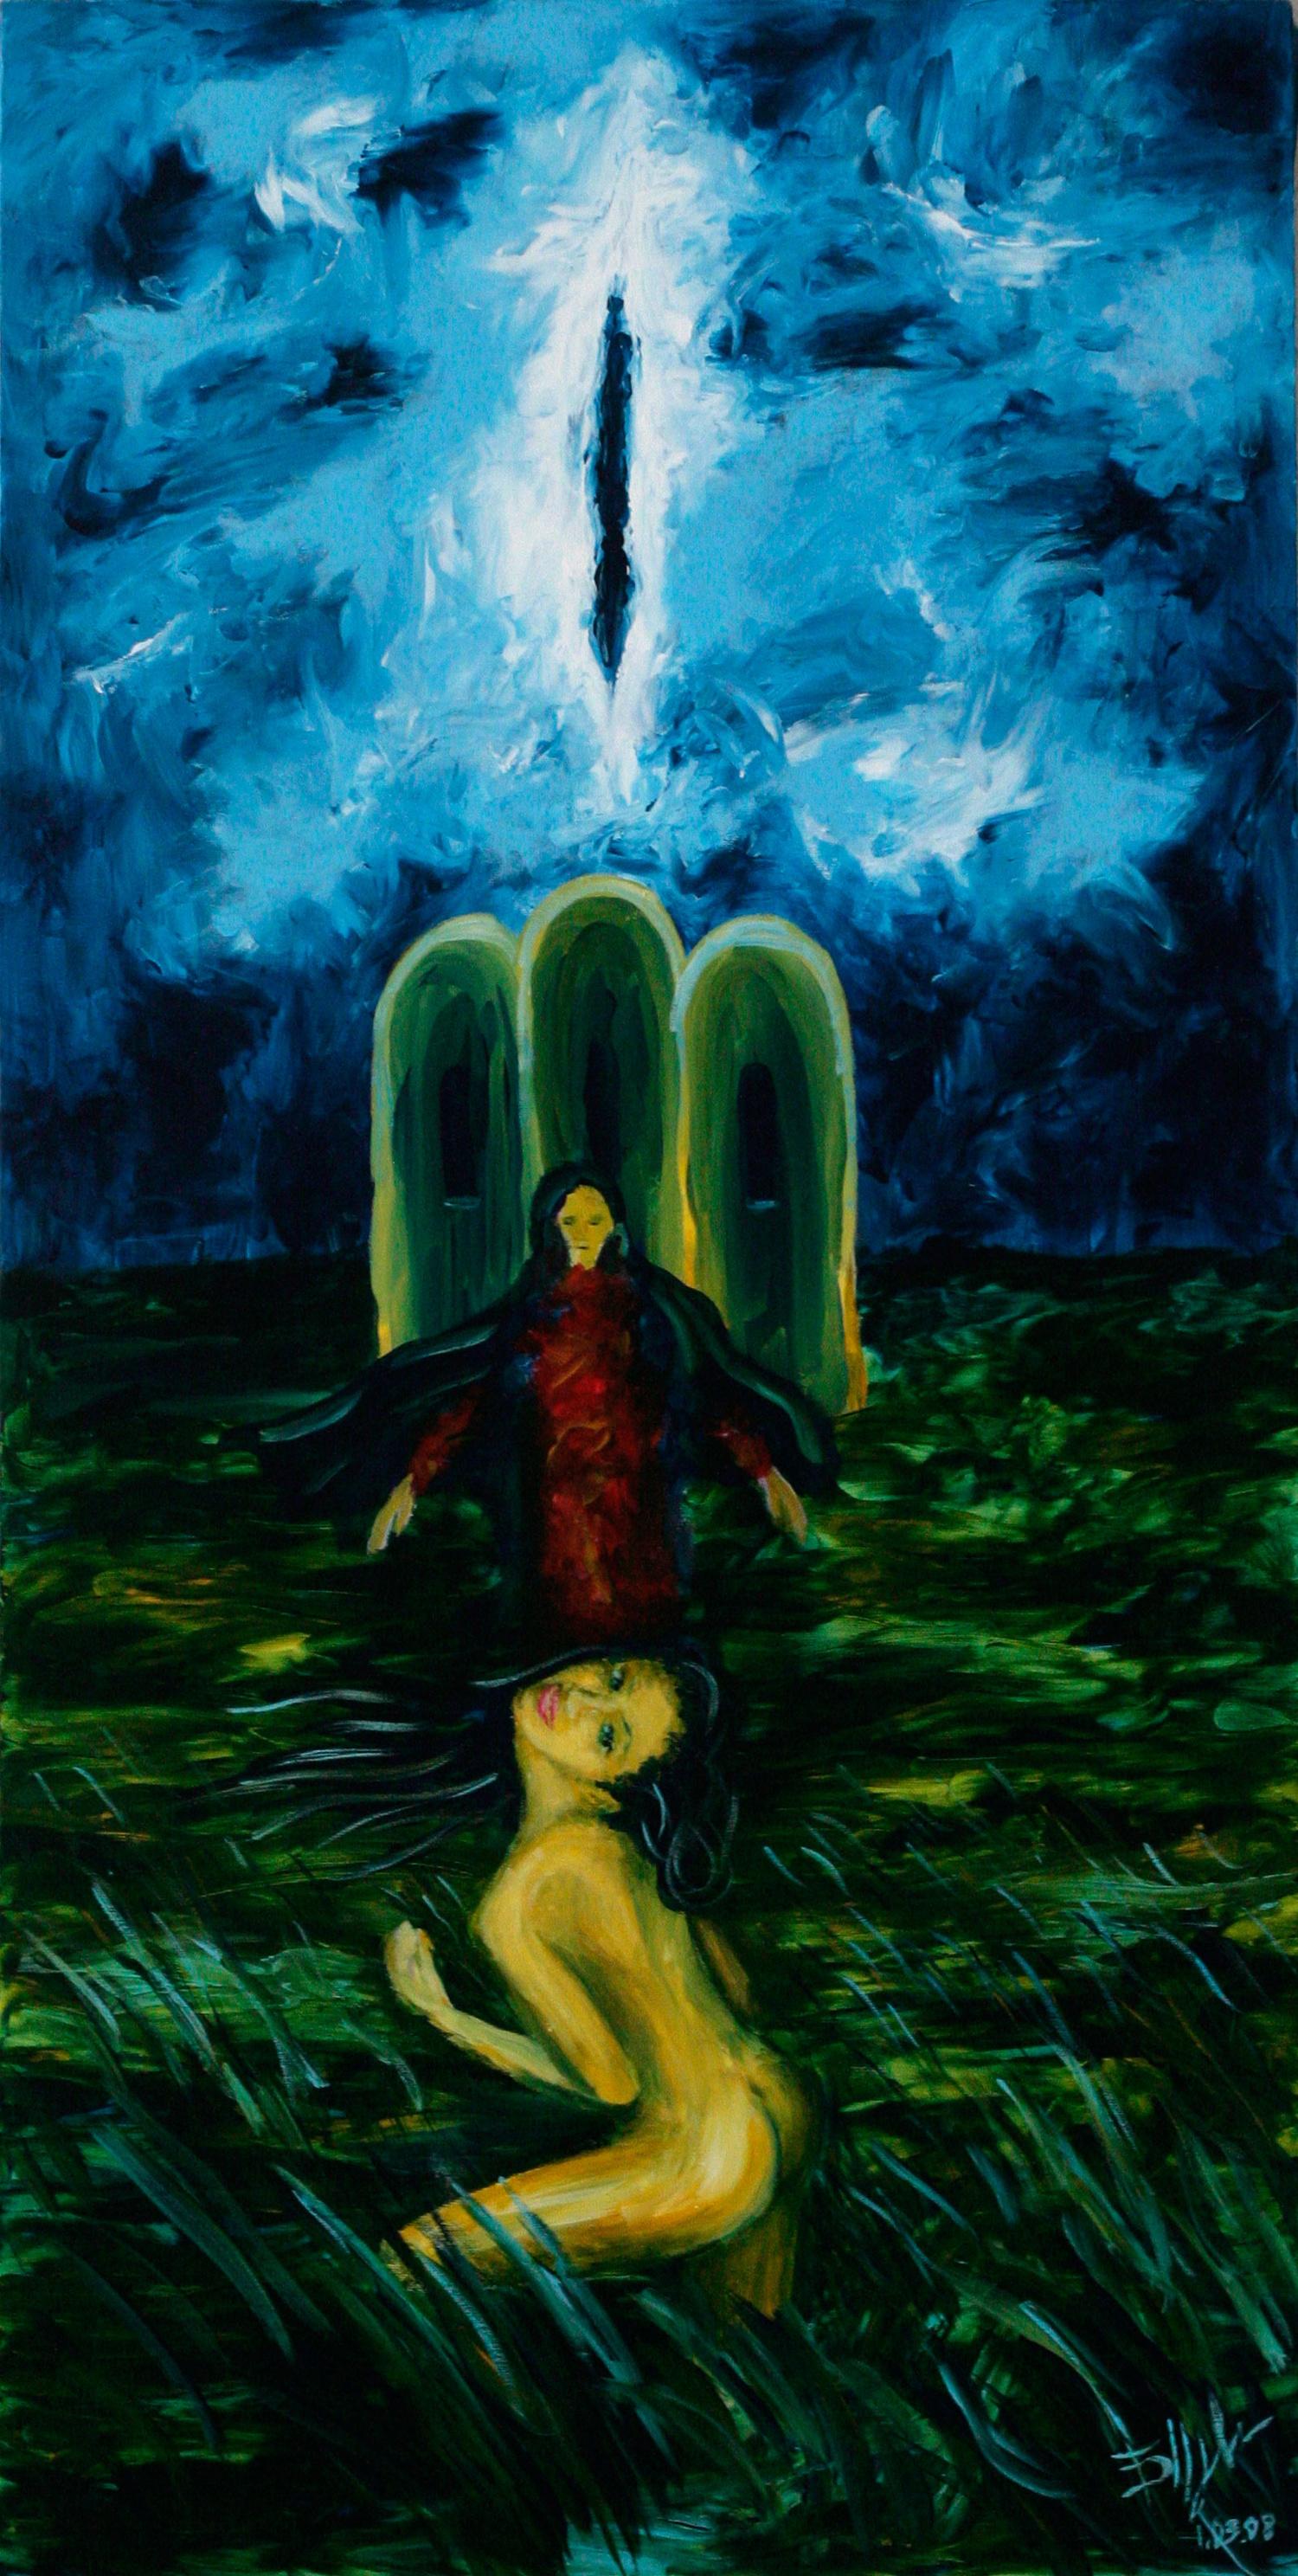 Испанская девственница. Голая девушка стоит в траве в штормовую погоду. В центре монахиня и церковь. В пасмурном небе щель-влагалище.